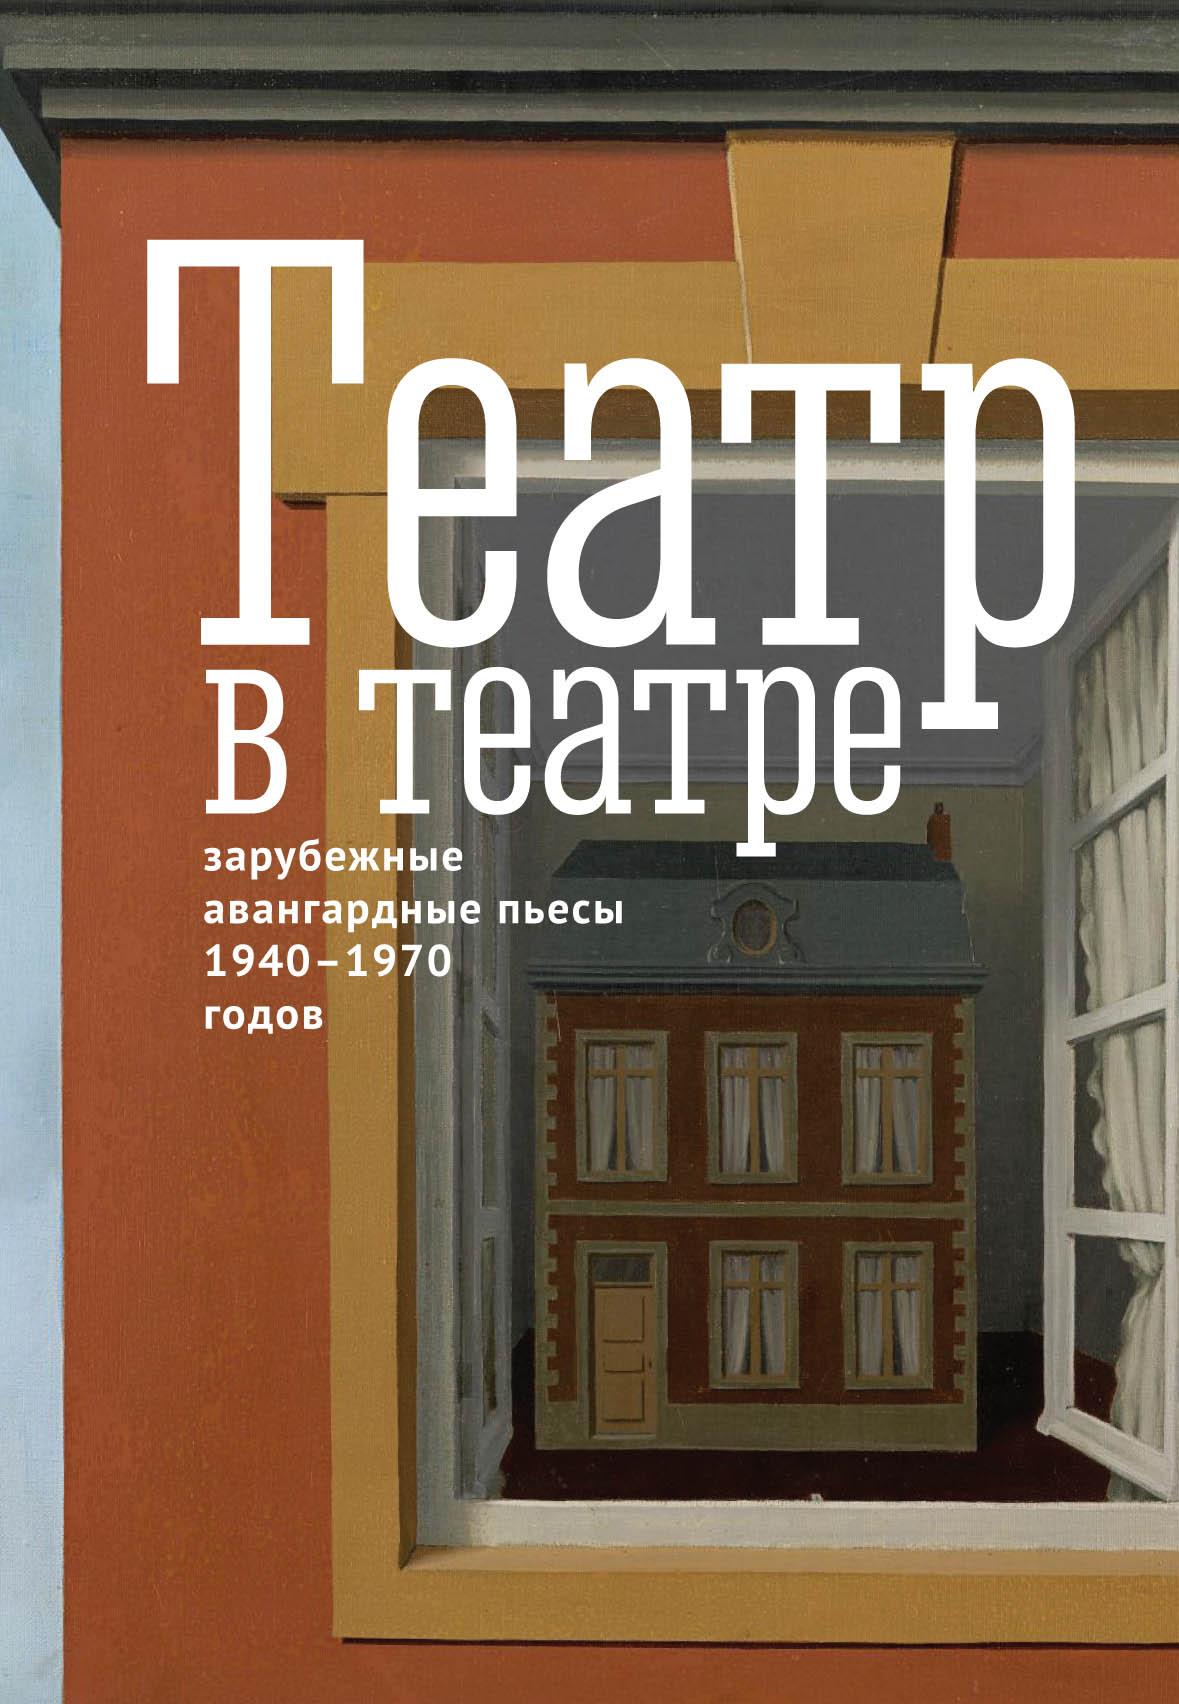 Купить книгу Театр в театре. Зарубежные авангардные пьесы 1940–1970-х годов, автора Альбера Камю